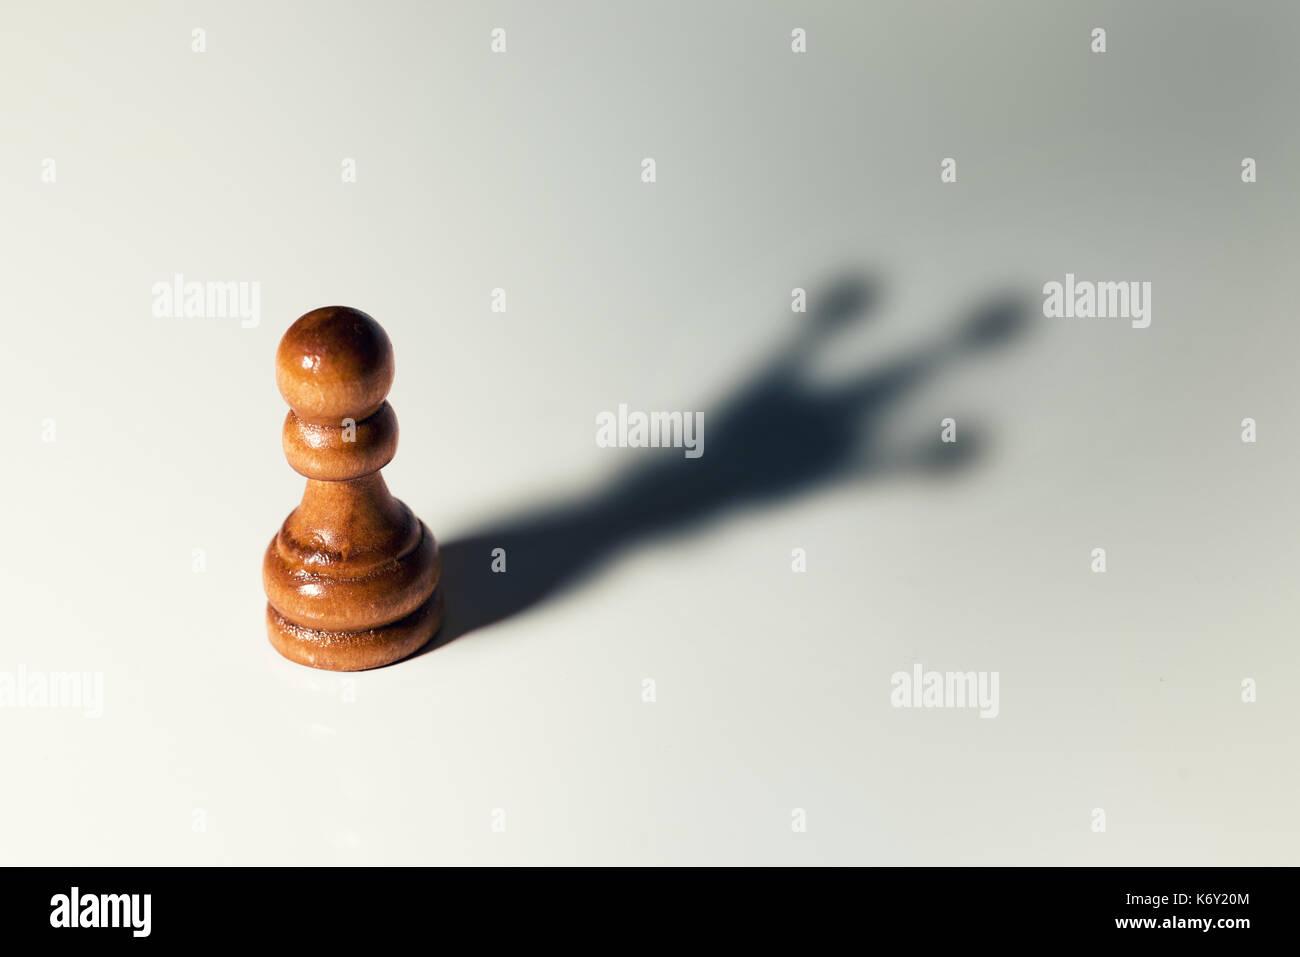 Confíe en usted mismo concepto - peón de ajedrez con el rey sombra Imagen De Stock